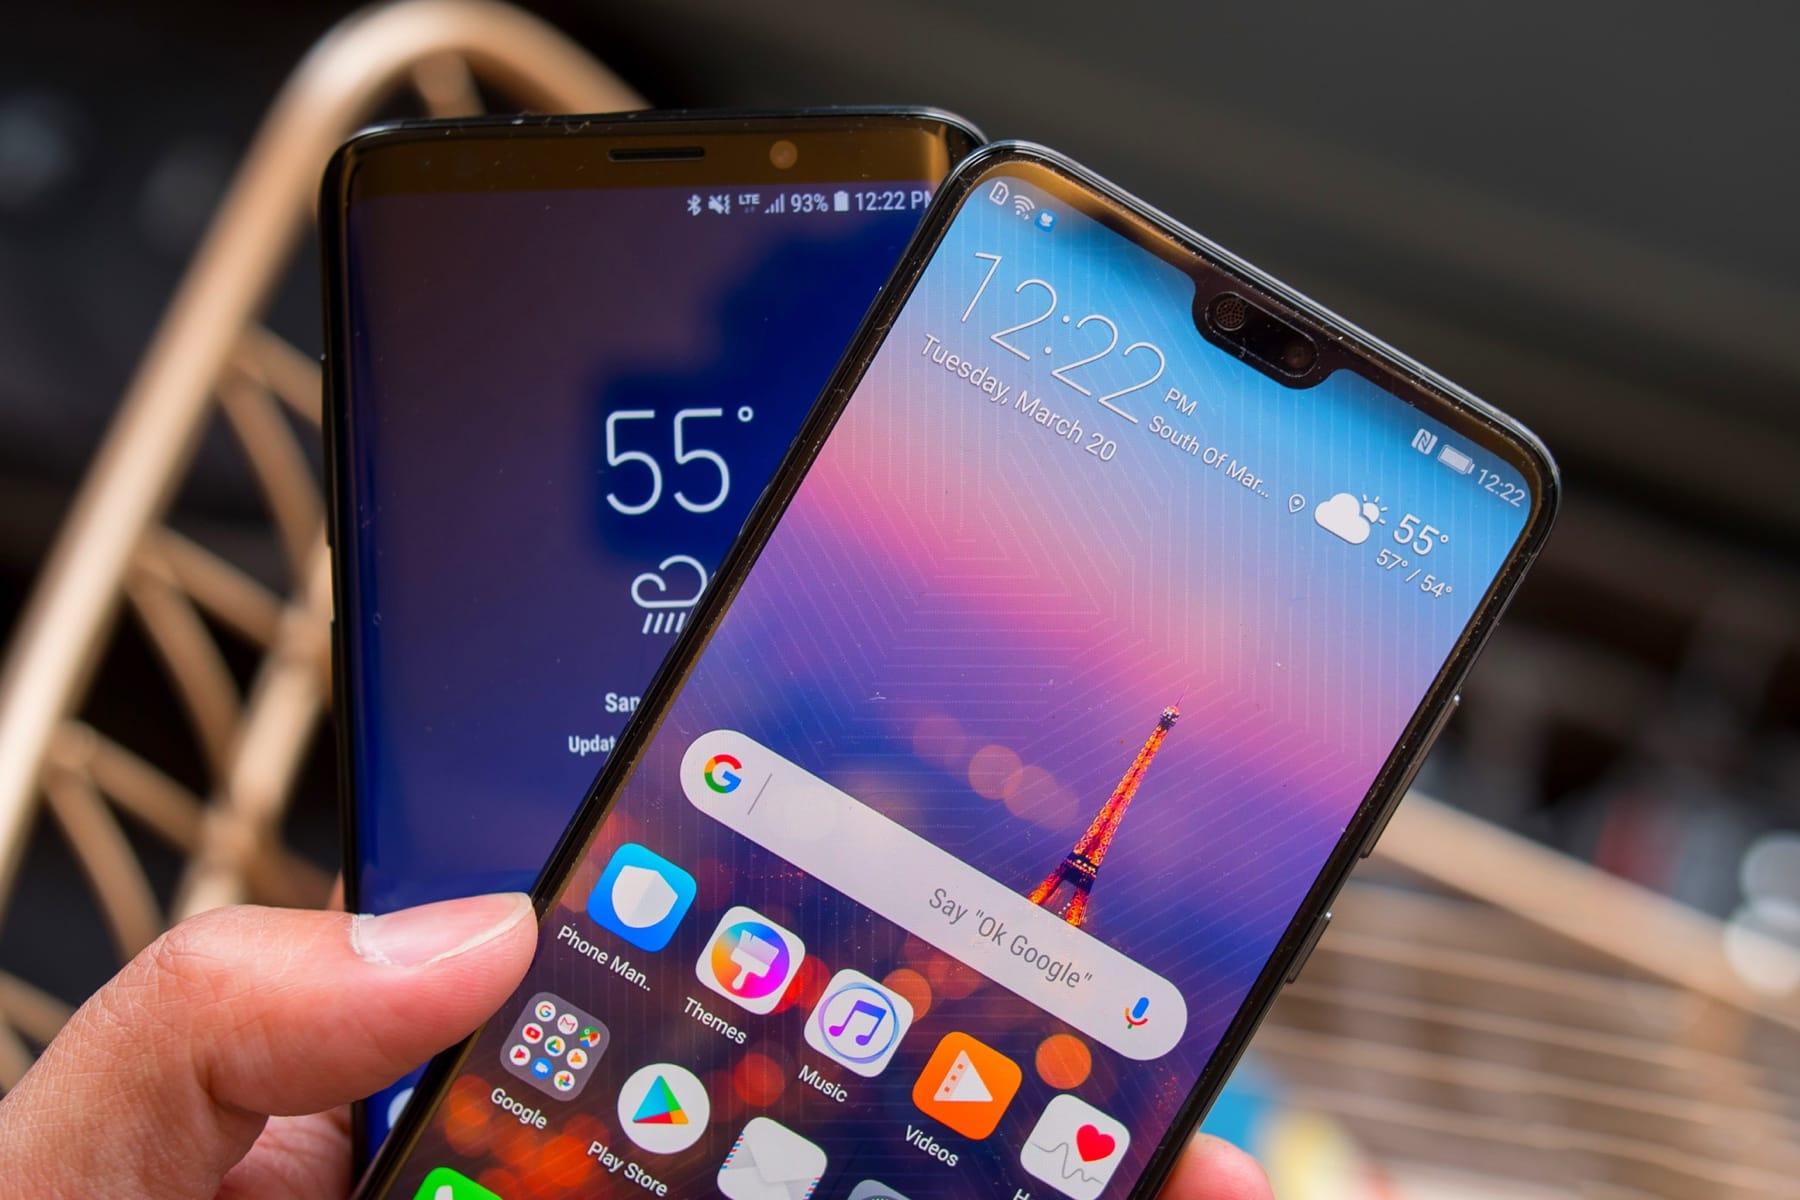 Картинки по запросу Роскачество назвало лучшие смартфоны нароссийском рынке